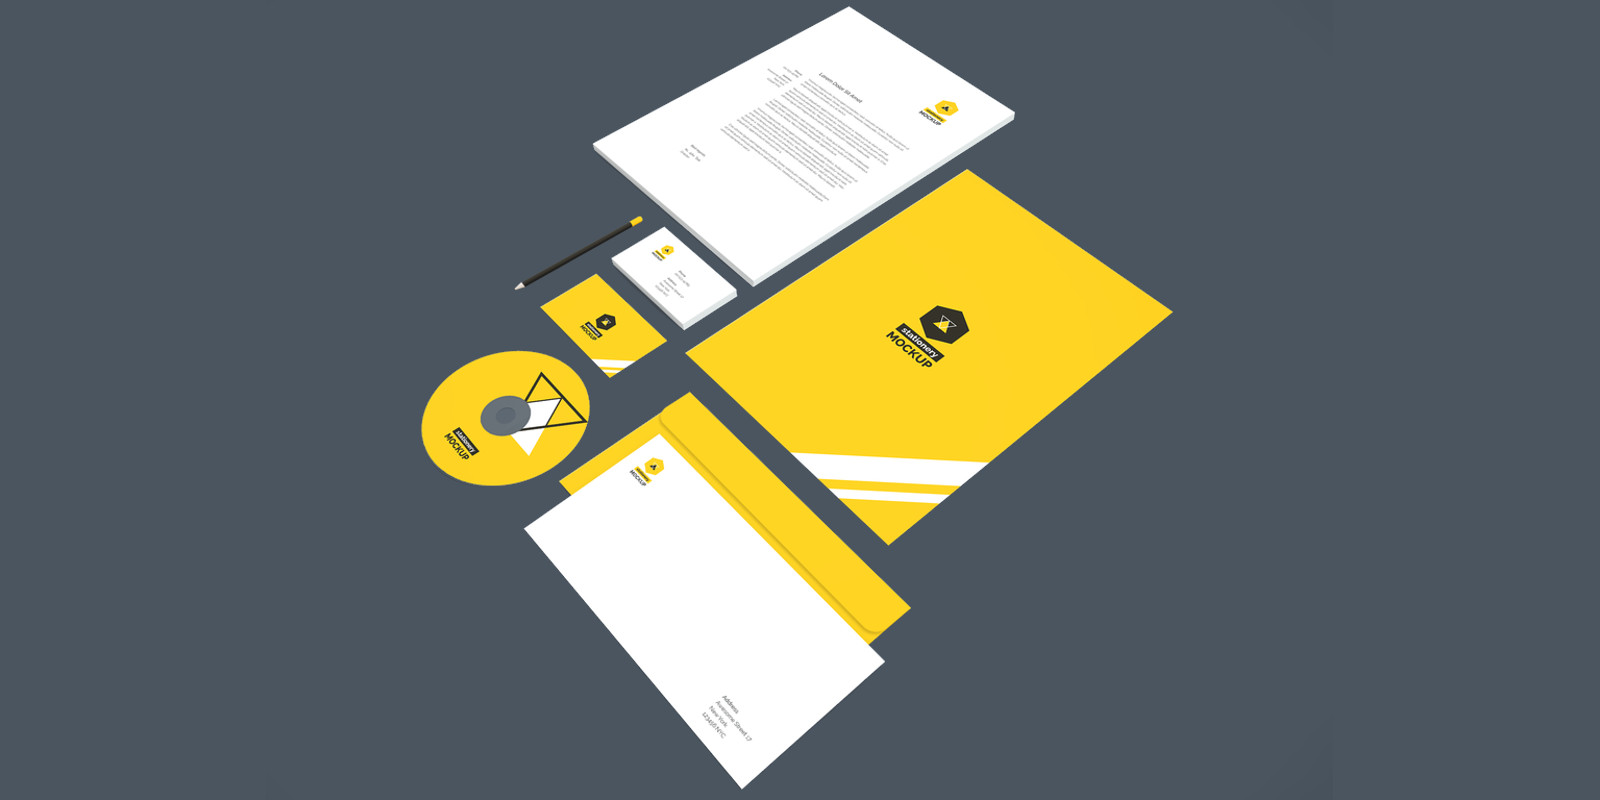 Créer son identité de marque et une charte graphique simple